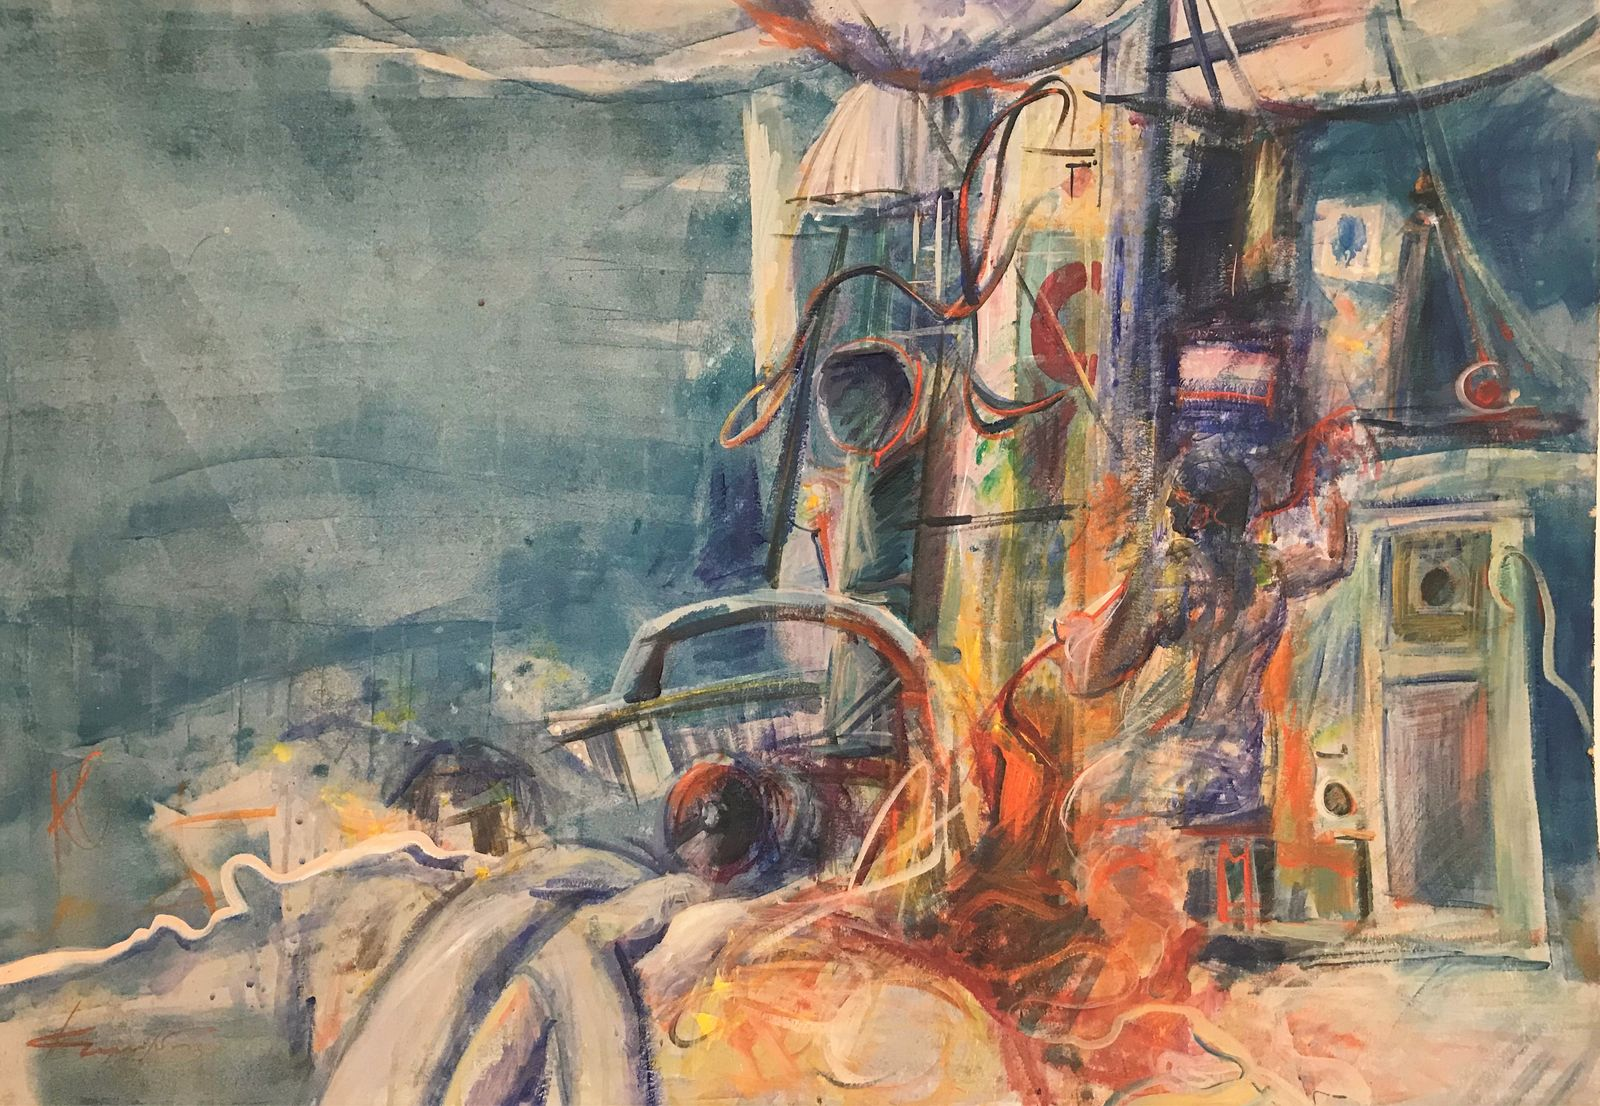 Σάββας Κωνσταντινίδης 75×107 εκ. Ακρυλικά σε χαρτόνι Savvas Konstantinidis 75×107 cm Acrylics on cardboard